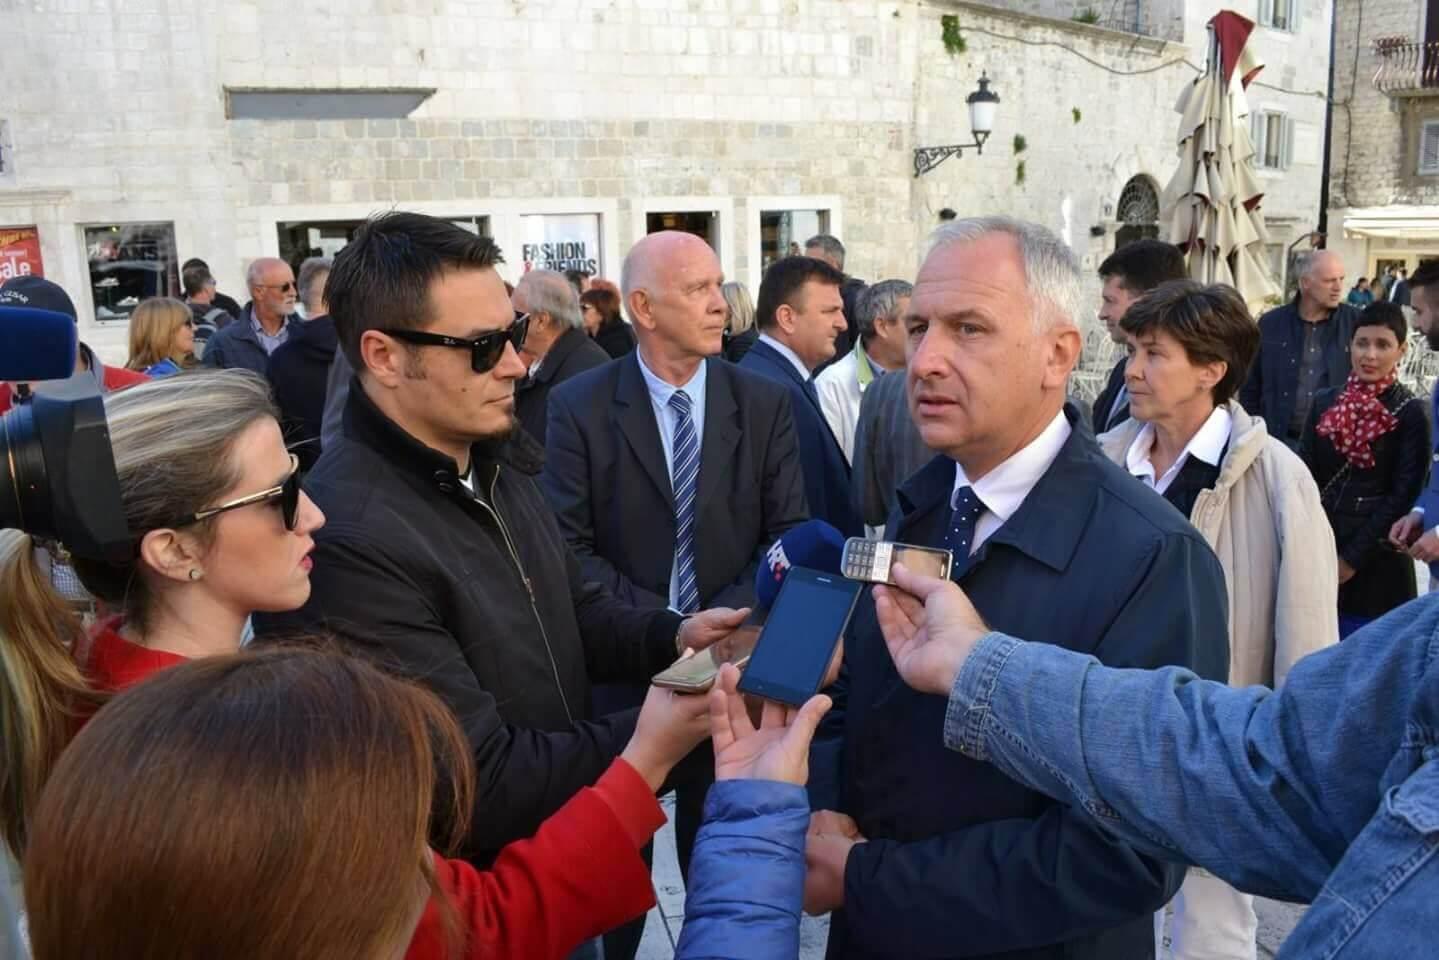 Splitski gradonačelnik epski pogriješio: Pročitajte što je rekao o Juditi